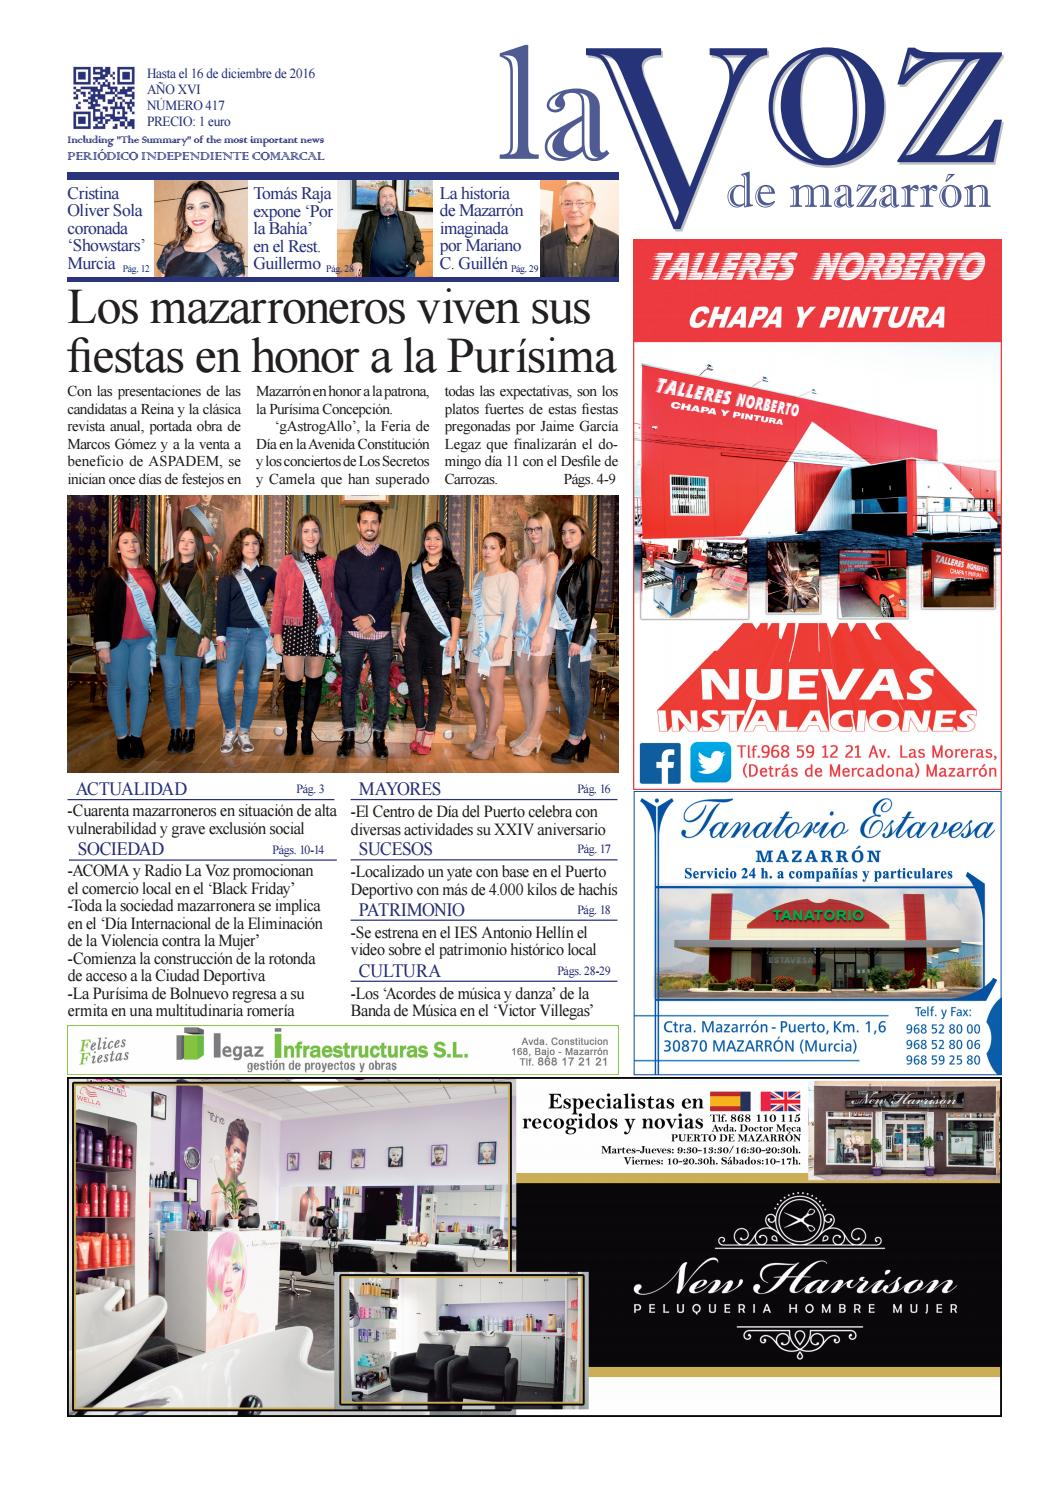 Voz417 by La Voz de Mazarrón (Periódico) - issuu